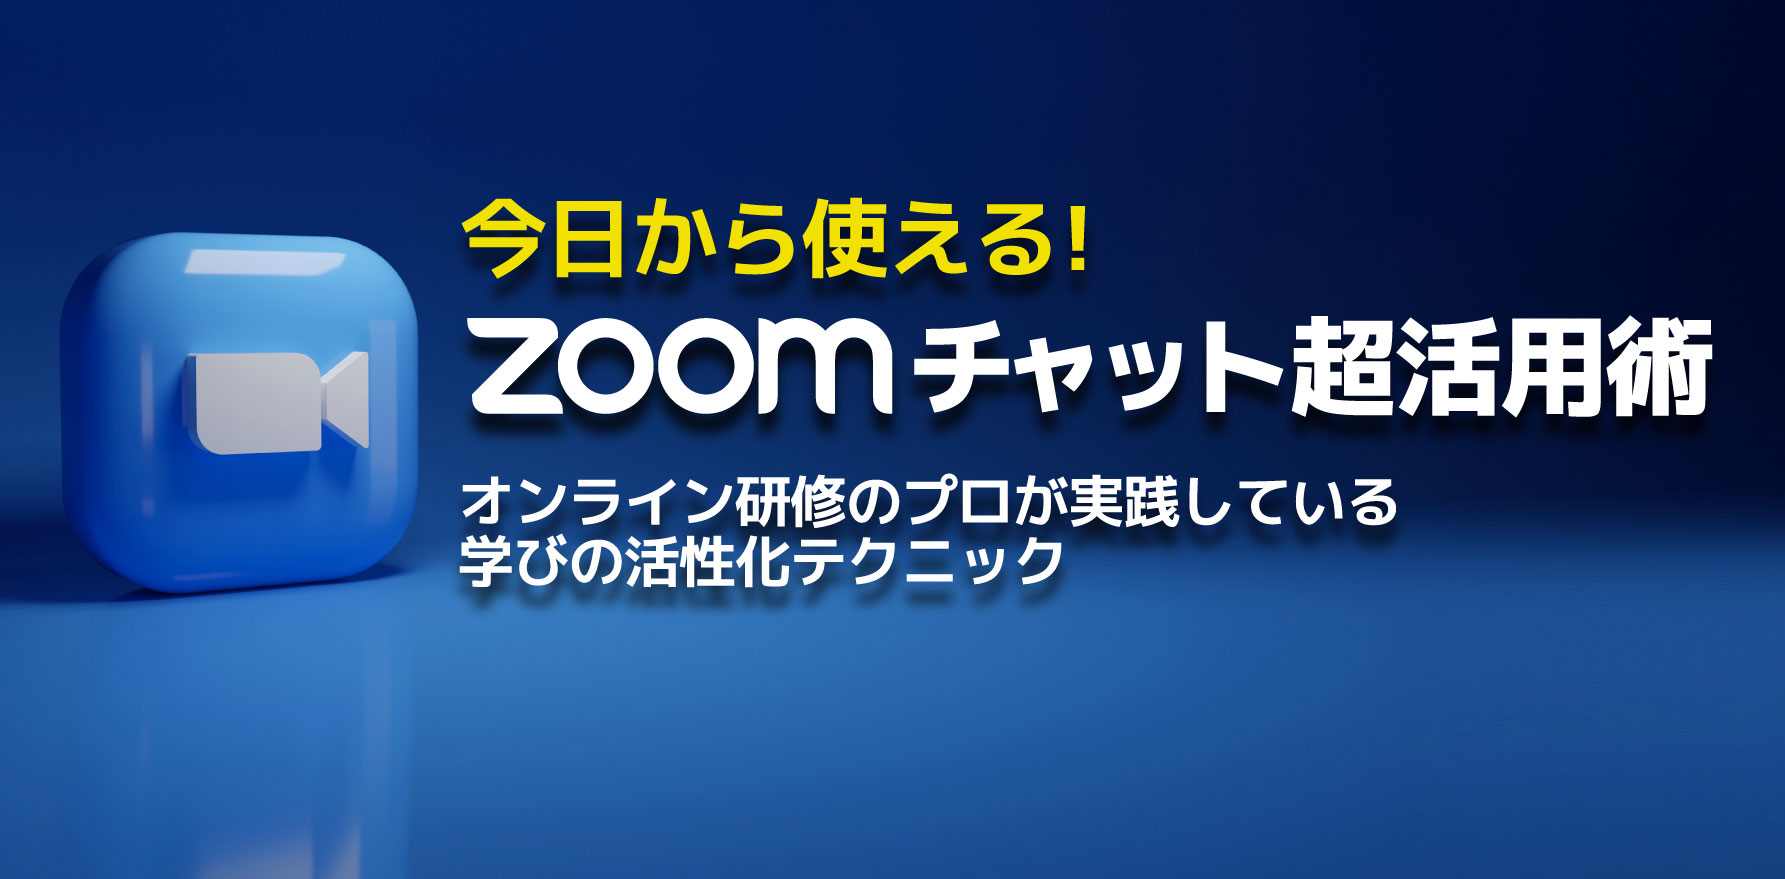 今日から使える!Zoomチャット超活用術